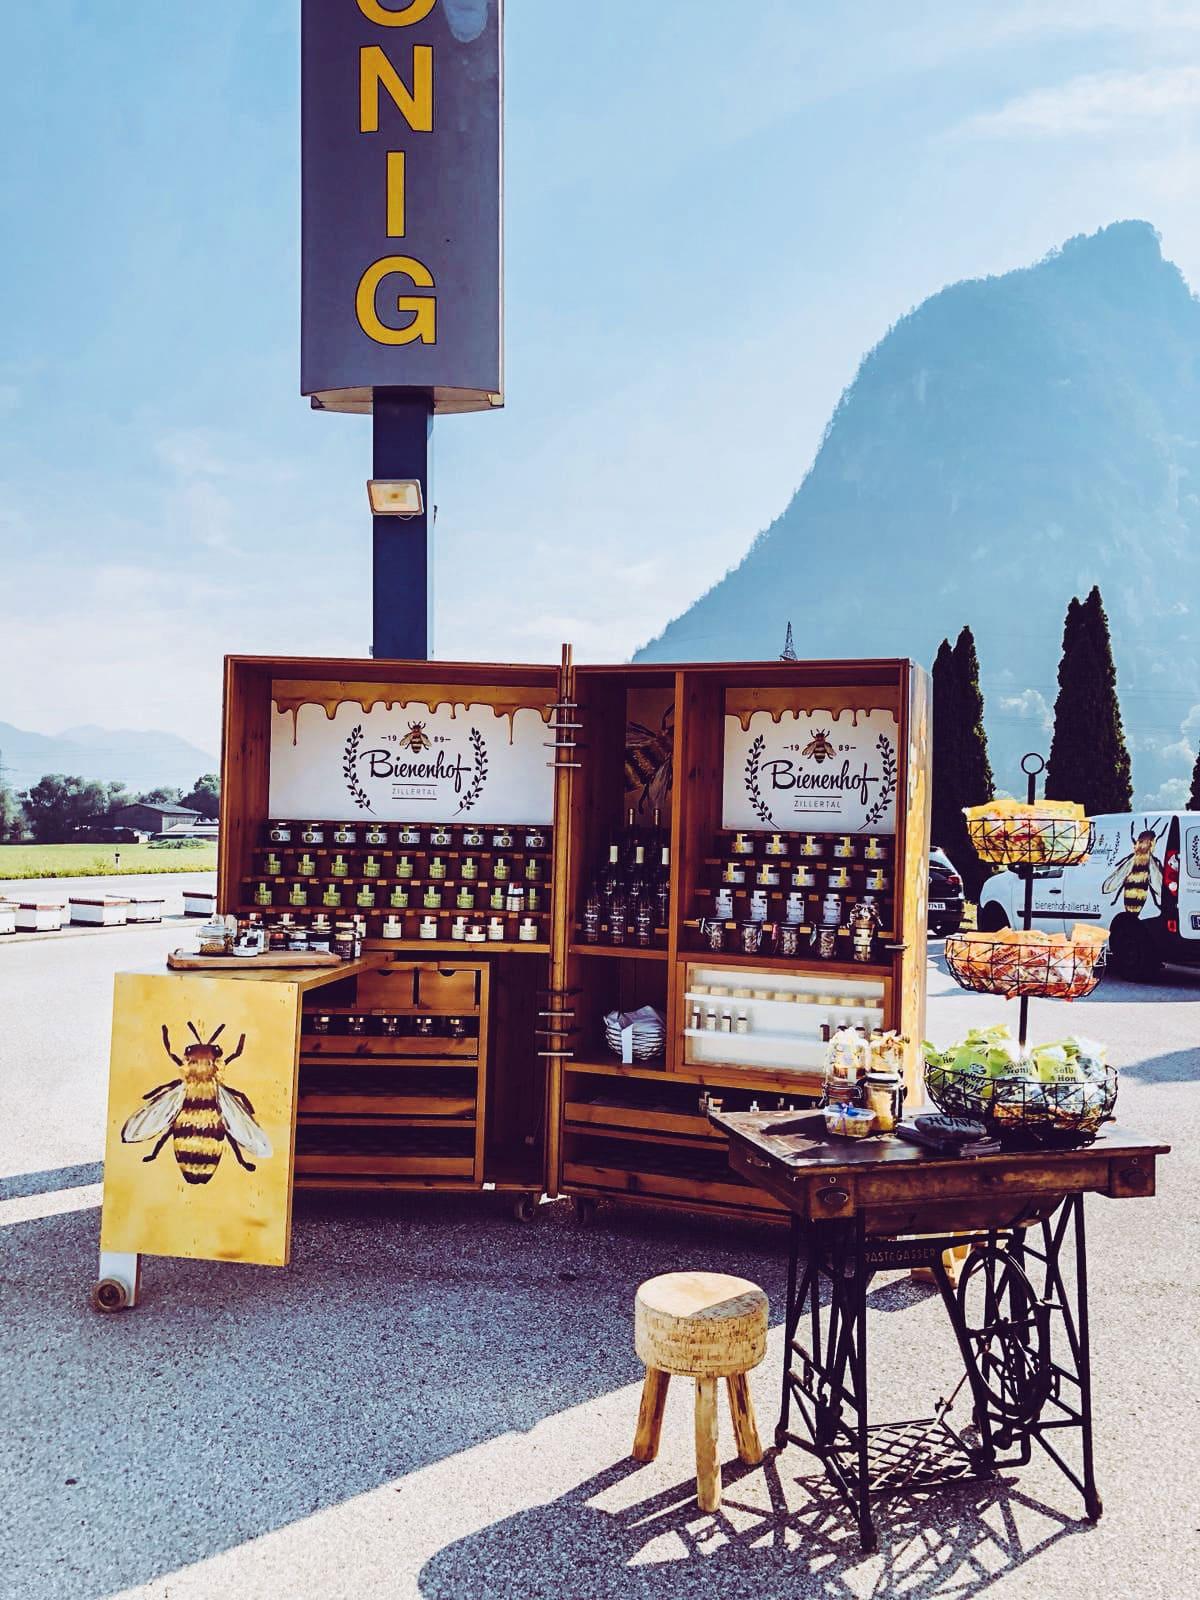 Bienenhof Zillertal Familienbetrieb Bauernmärkte